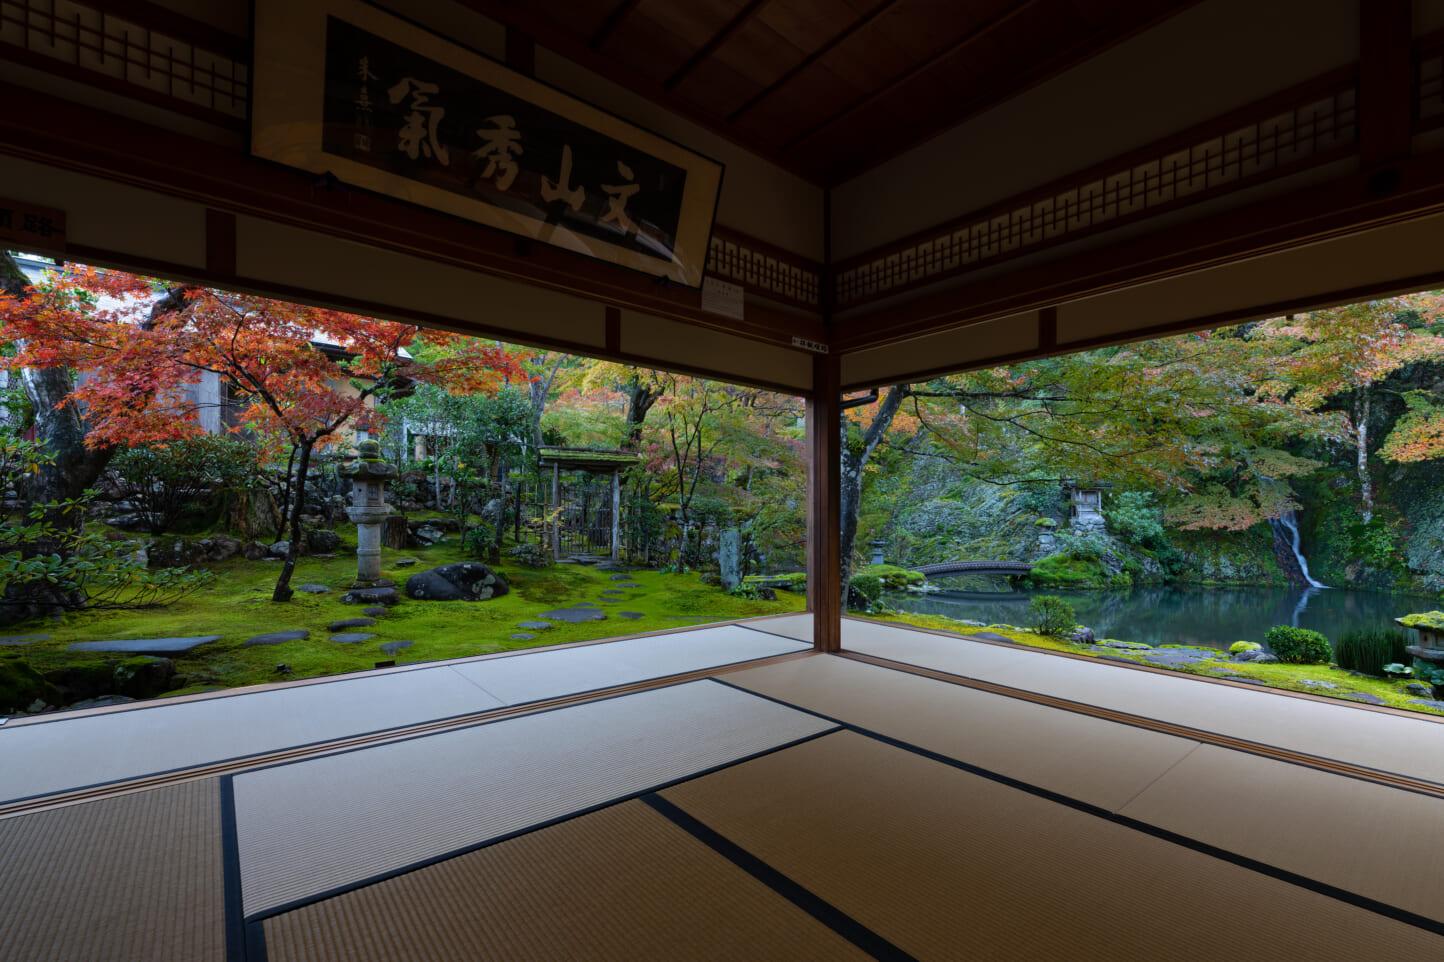 慈恩禅寺 荎草園の紅葉 スライダー画像1